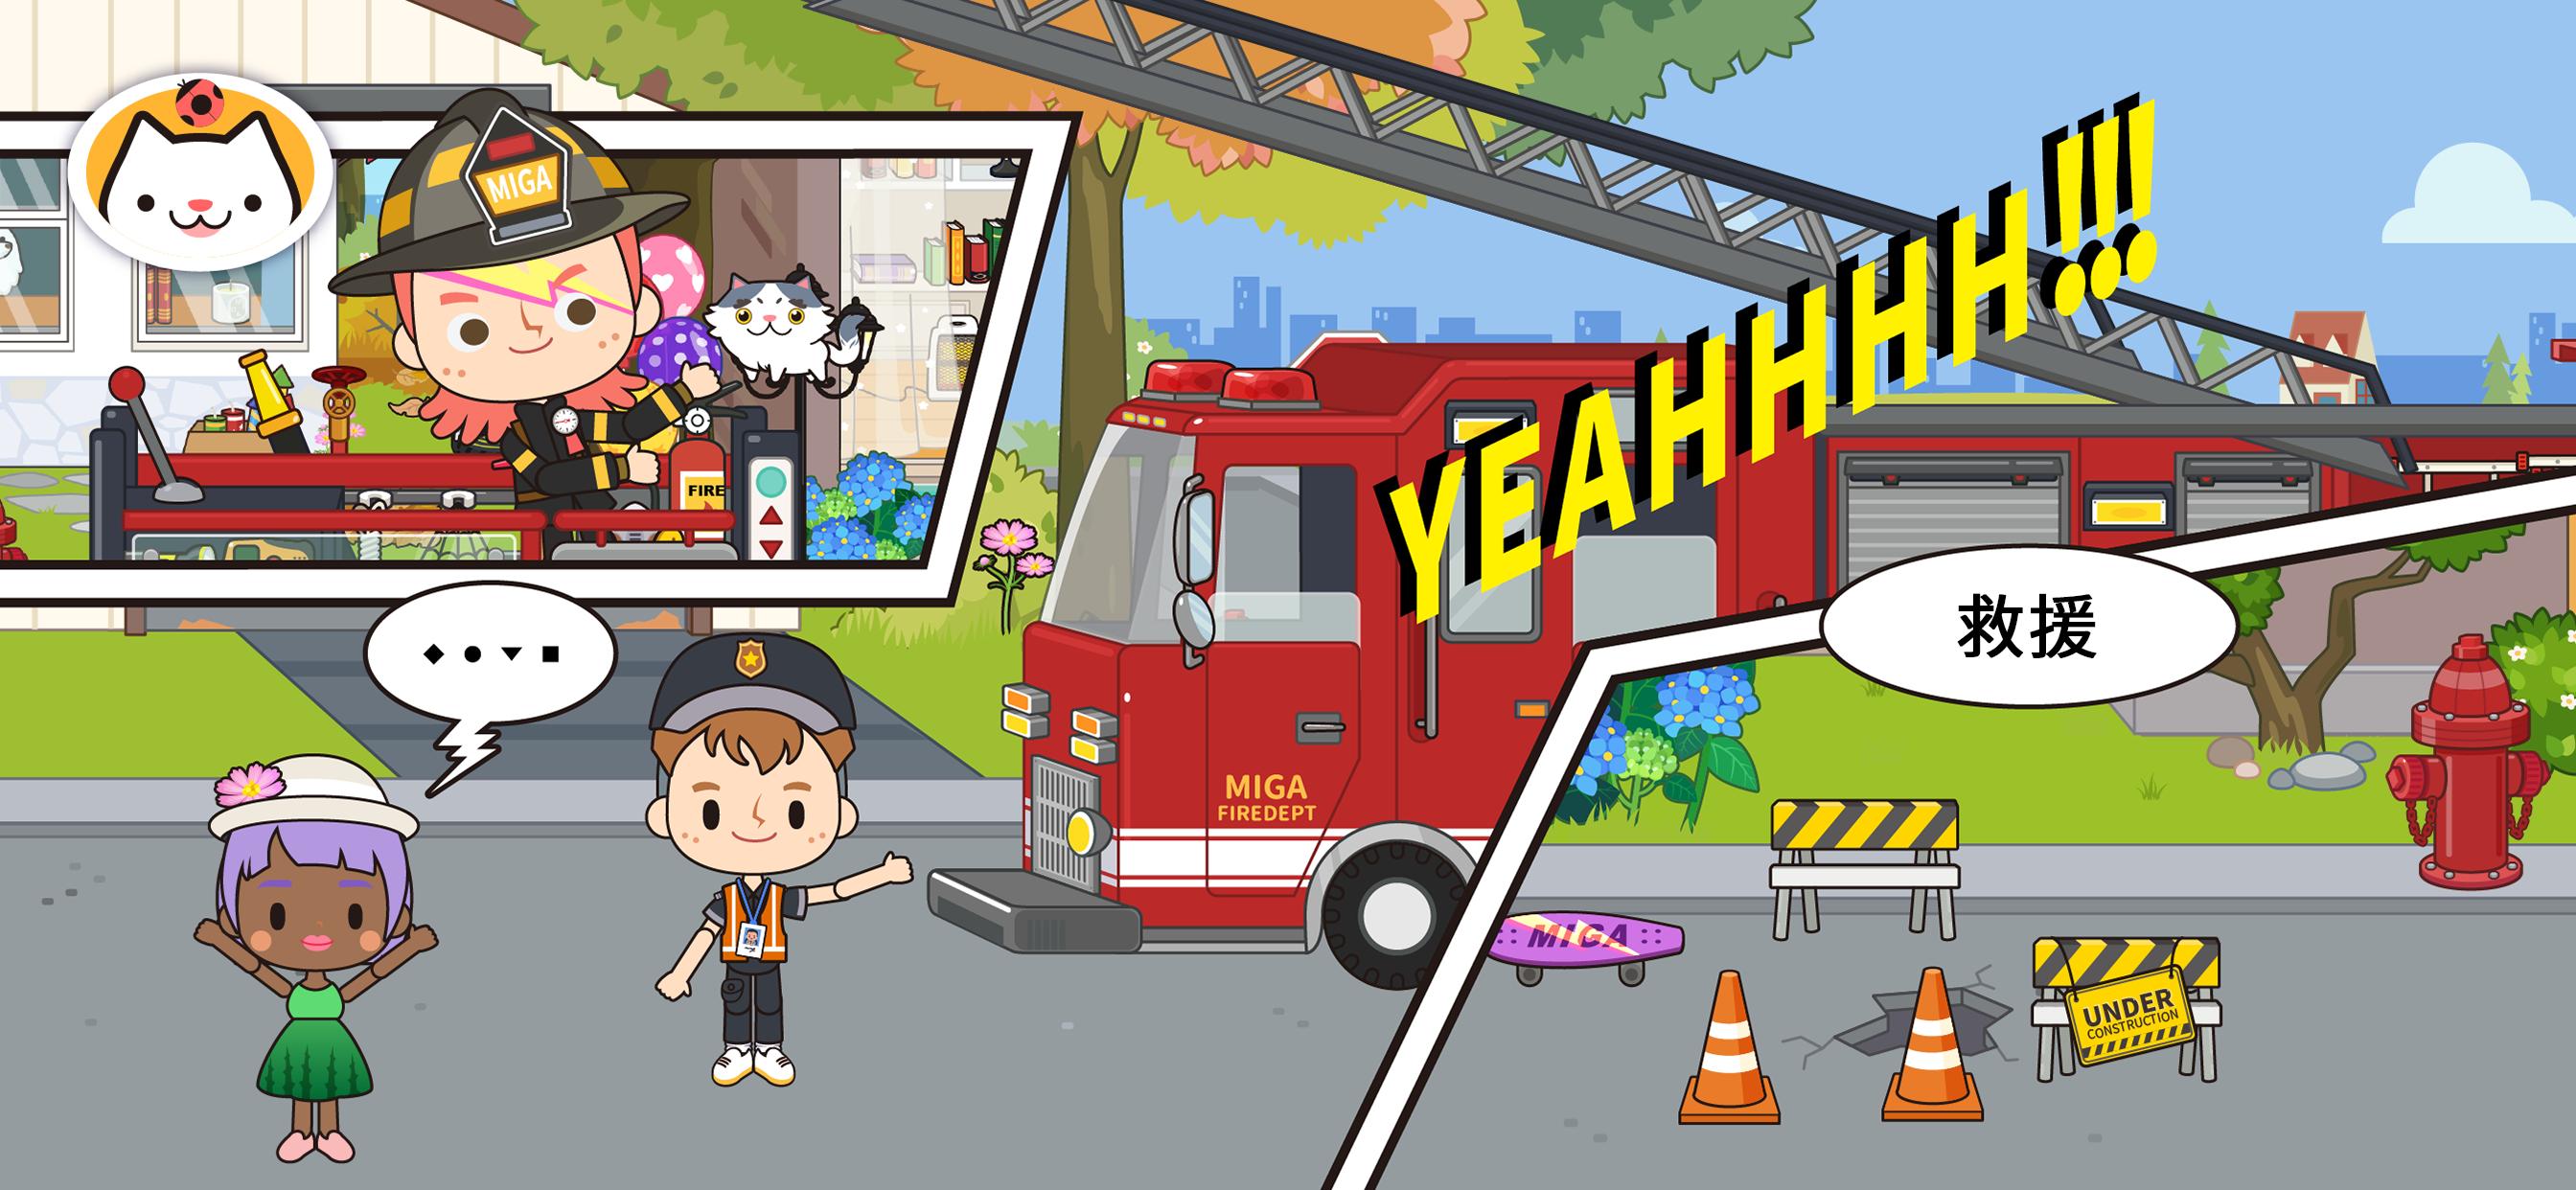 米加小镇消防局截图